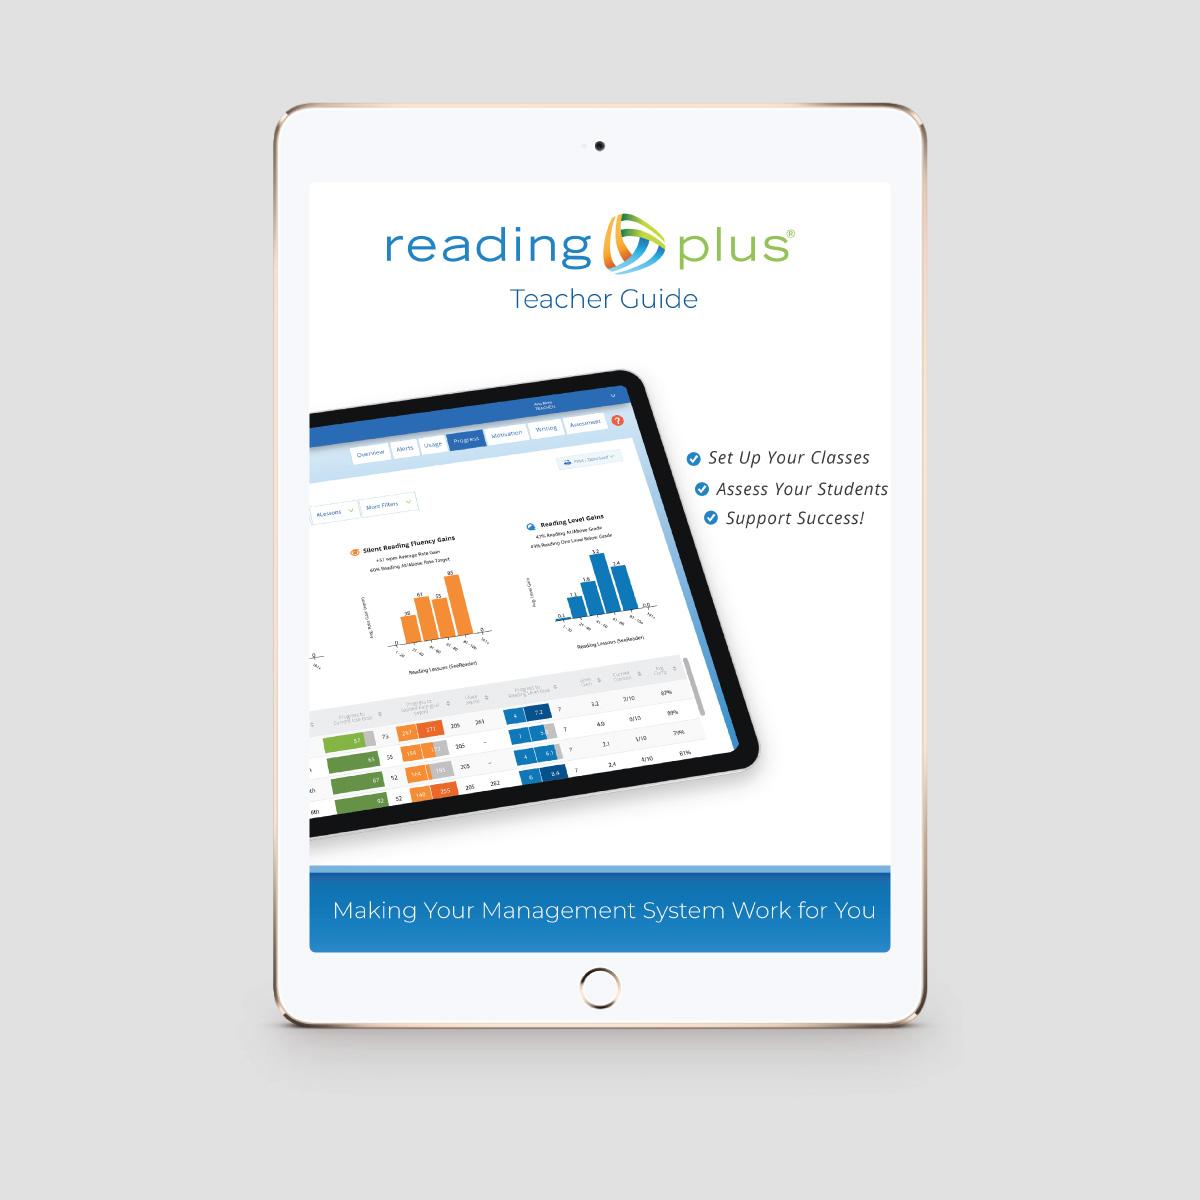 2019 Reading Plus Teacher Guide - Publication Design